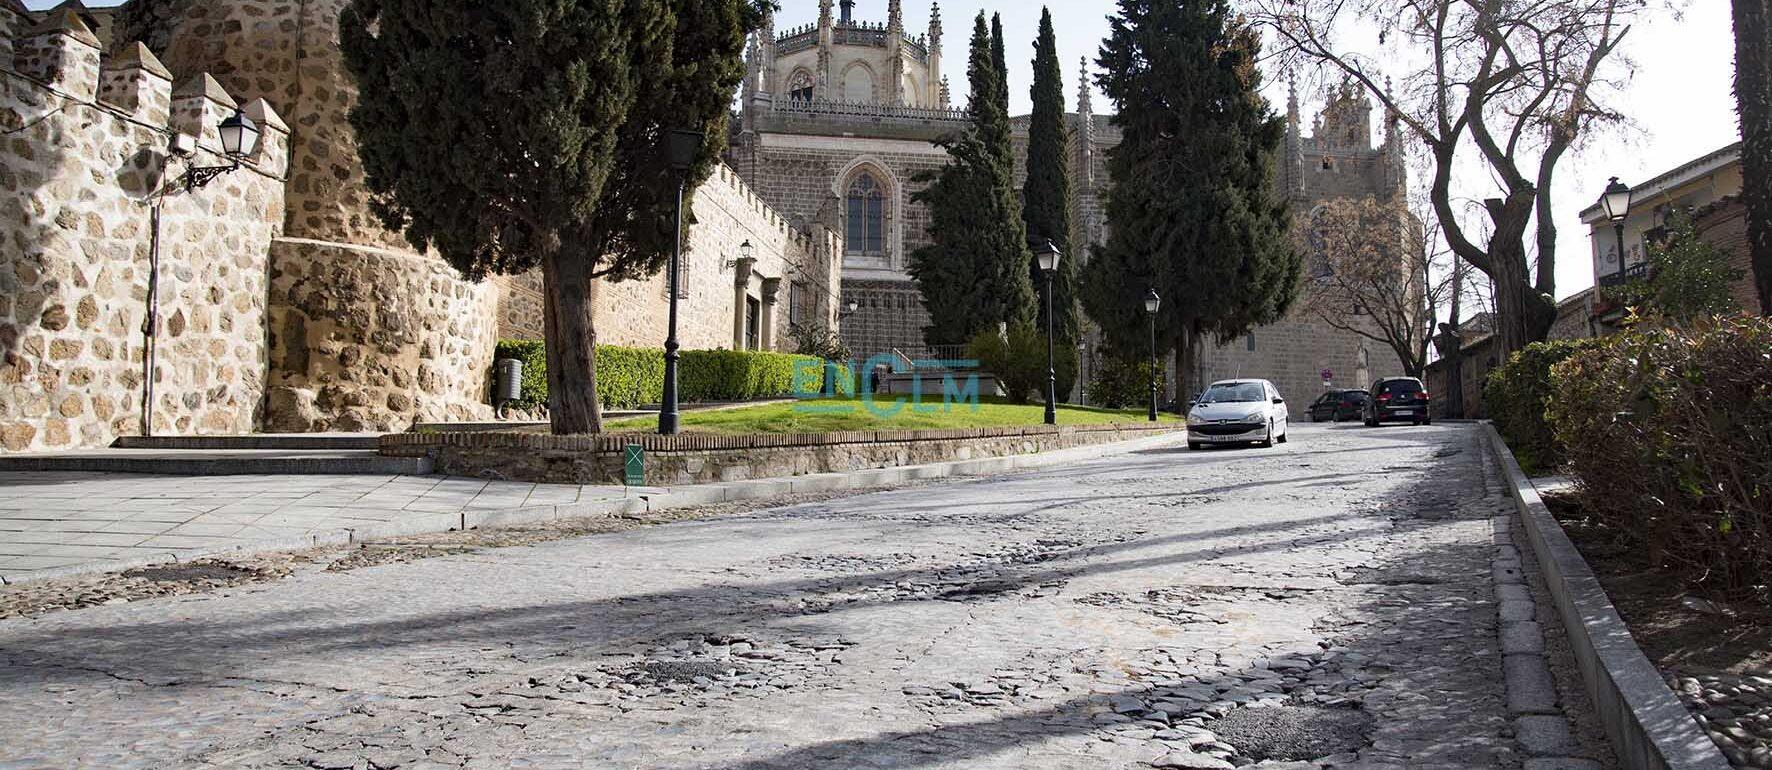 La calle Reyes Católicos sufrirá una reforma integral, igual que la Bajada de San Martín y la subida de Descalzos hasta San Cristóbal. Os contamos los detalles del proyecto. Foto: Rebeca Arango.